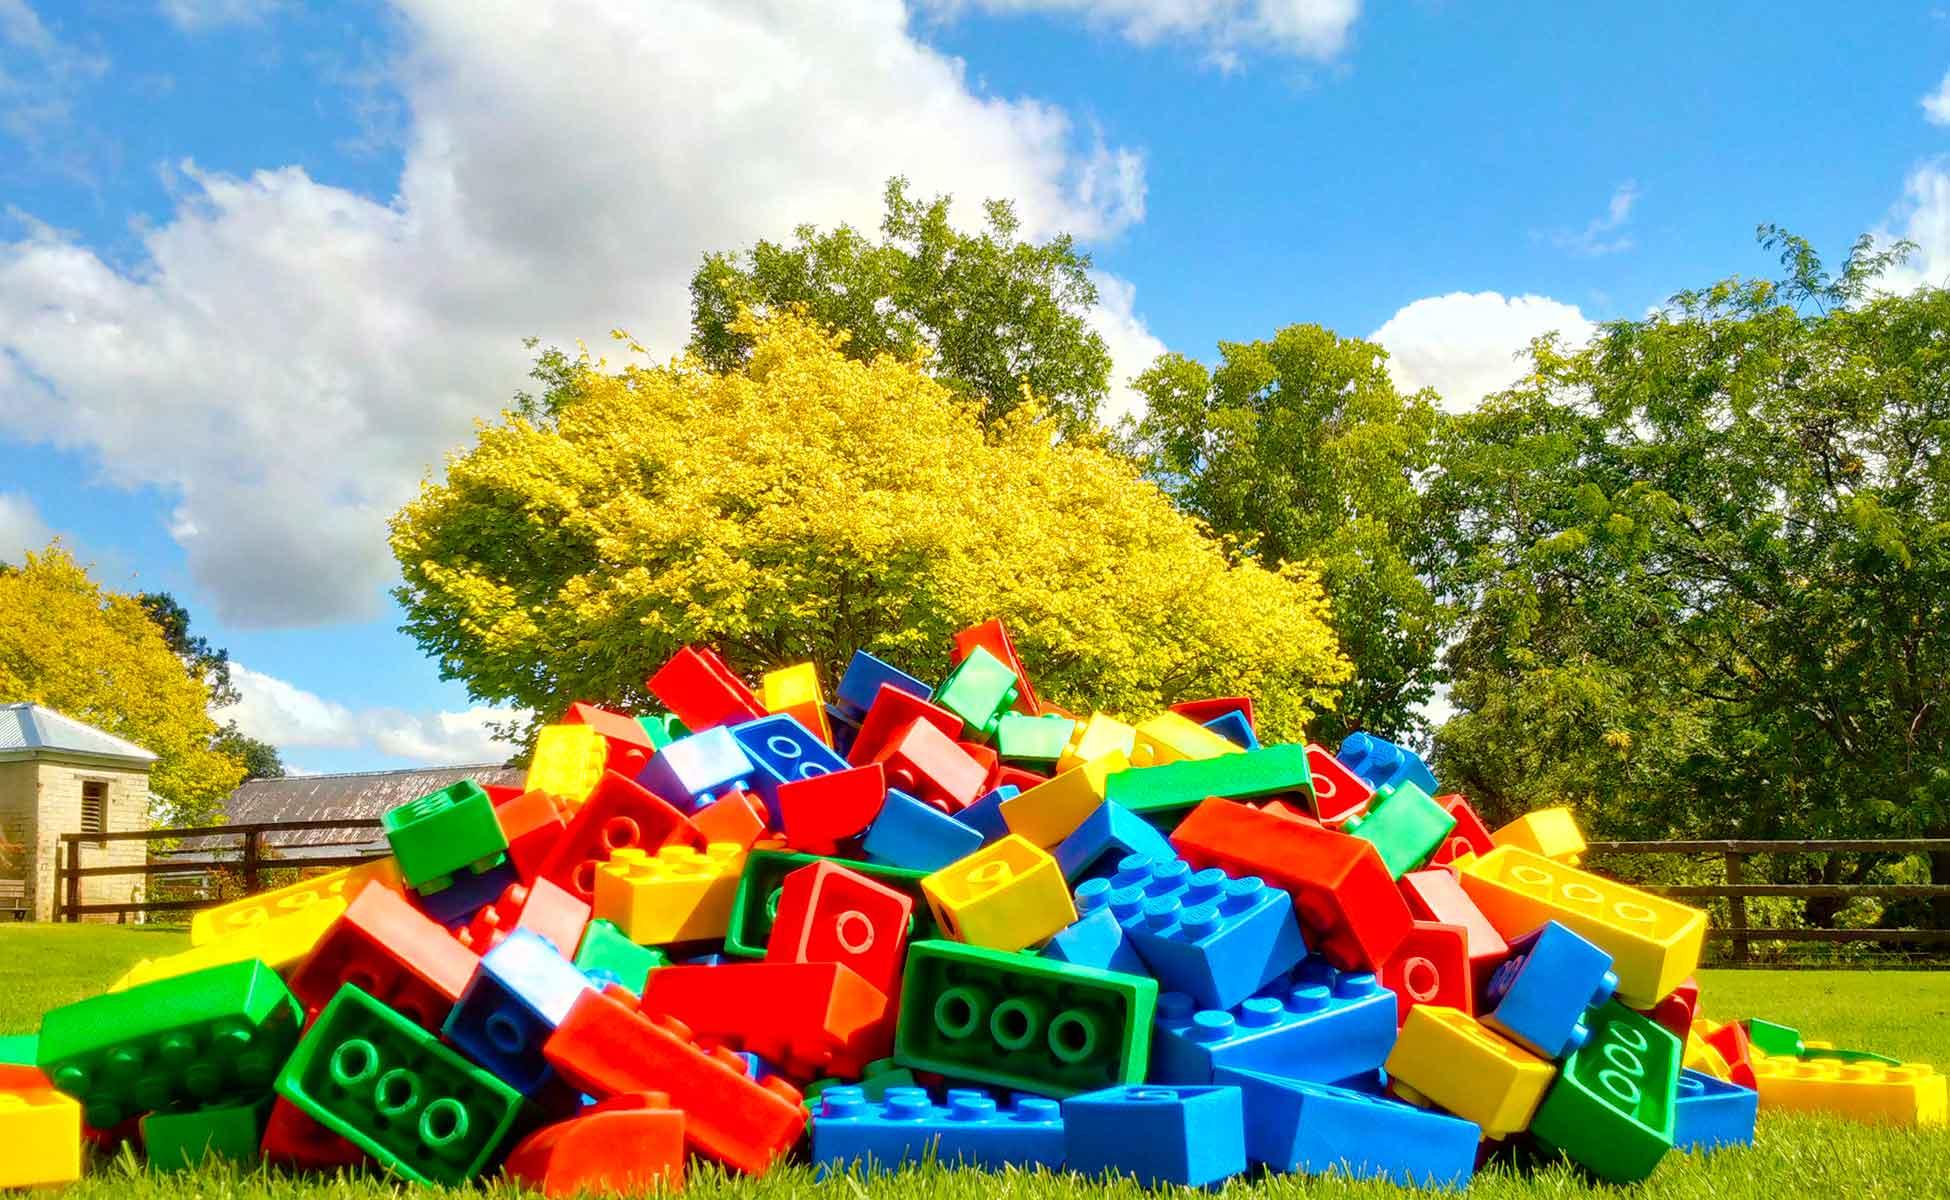 big lego outdoor